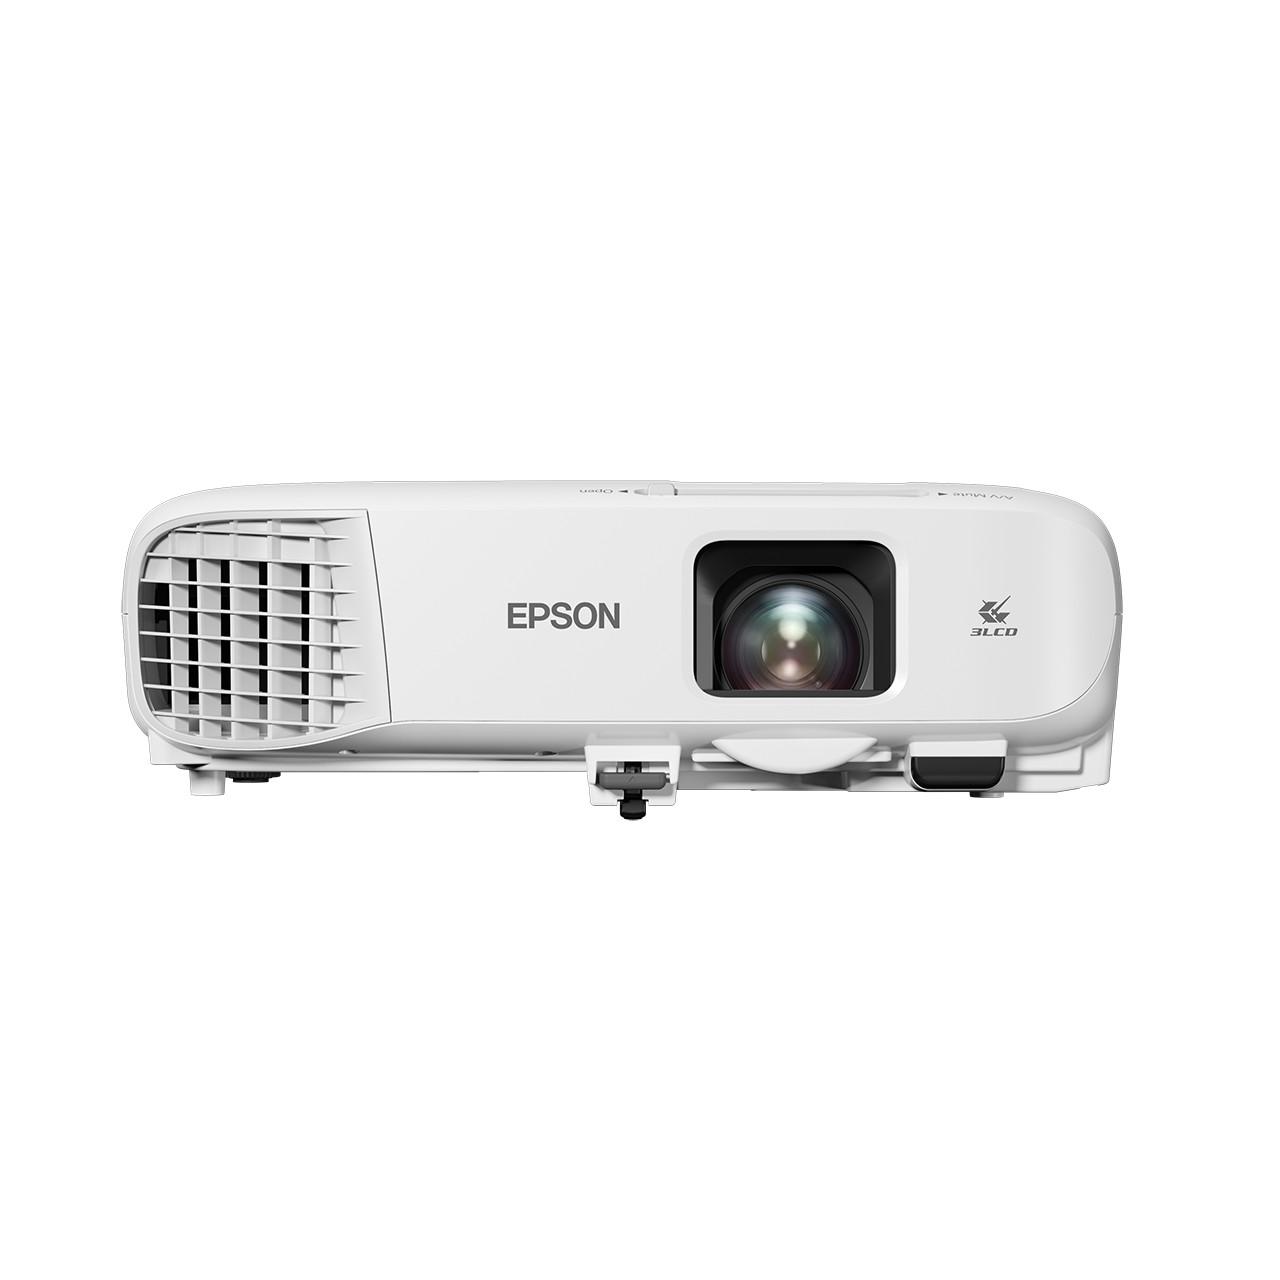 Máy chiếu Doanh Nghiệp EPSON EB-2042 Giúp tiết kiệm chi phí và nâng cao hiệu quả sử dụng năng lượng - HÀNG CHÍNH HÃNG